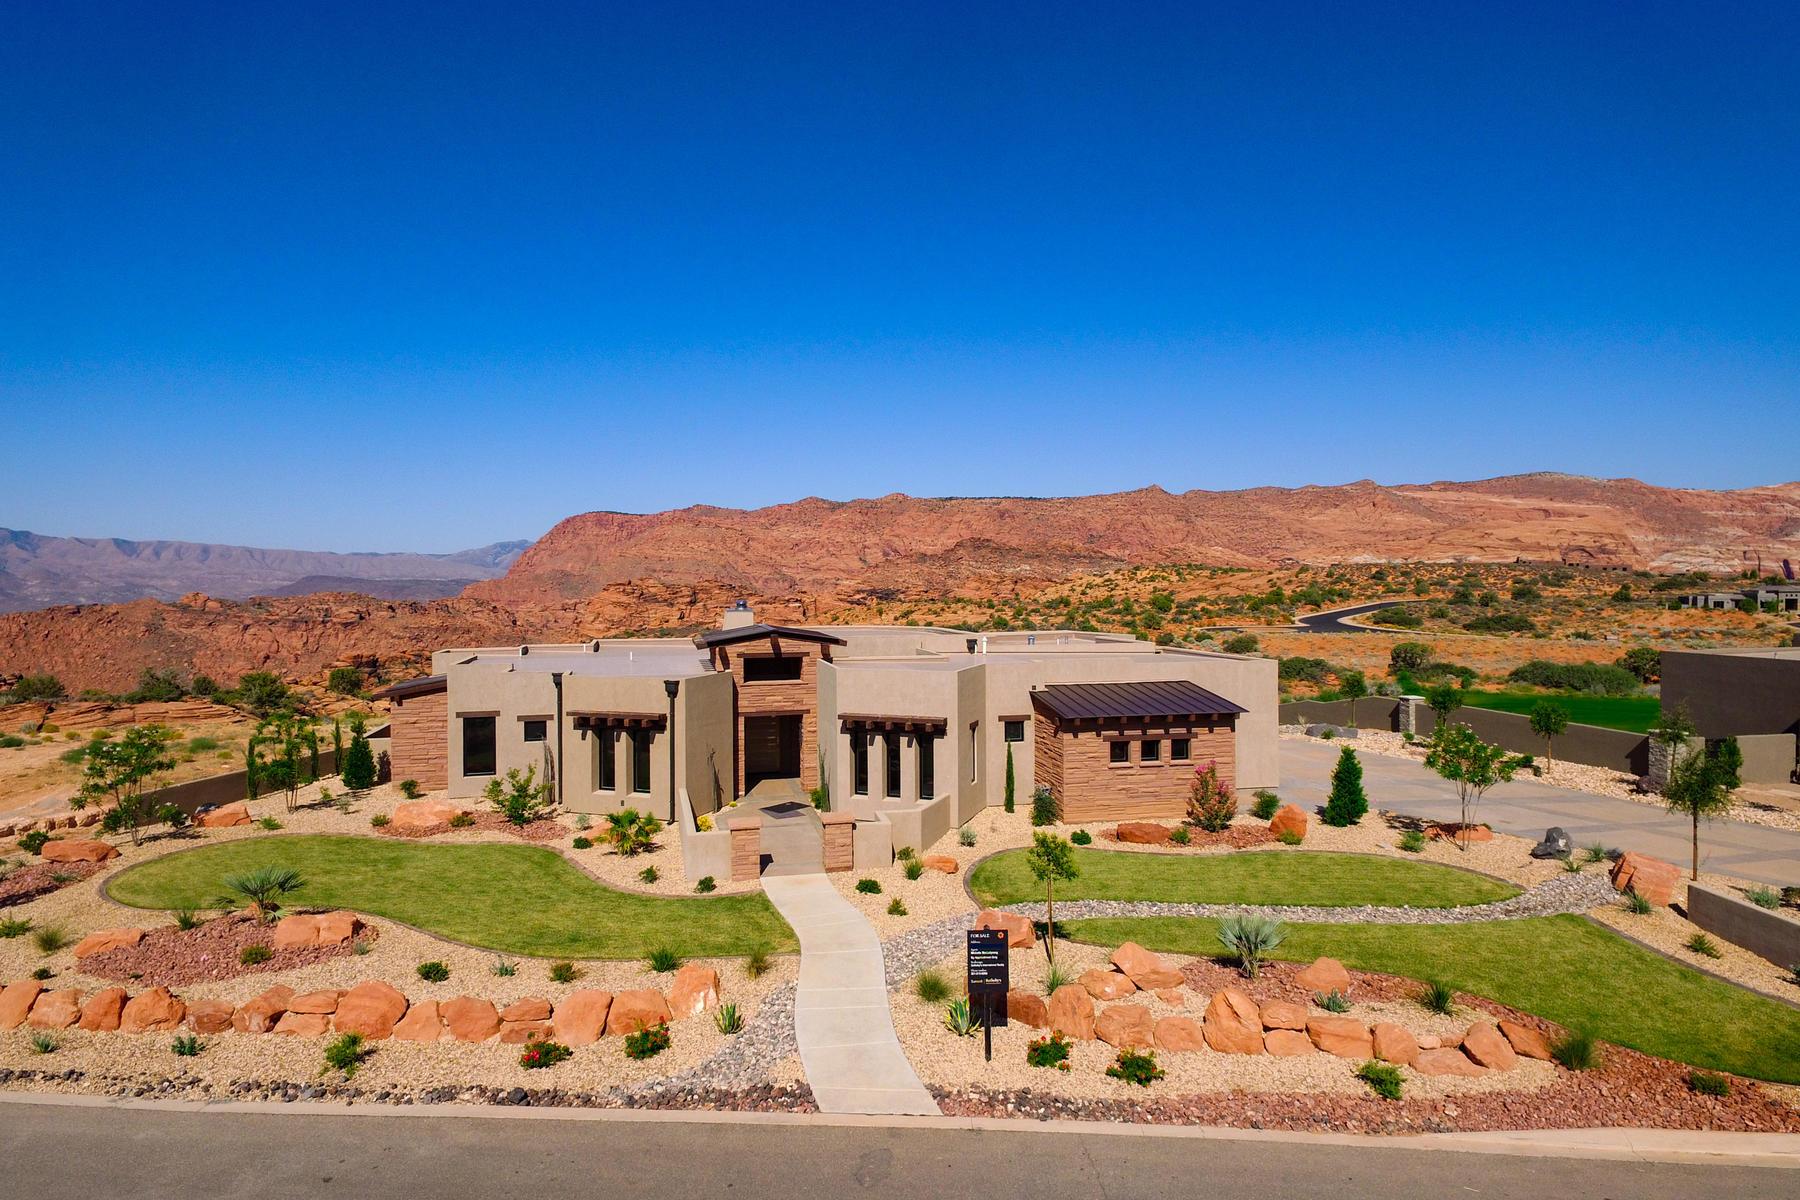 Частный односемейный дом для того Продажа на One of a Kind Home 4807 N Petroglyph Dr St. George, Юта, 84770 Соединенные Штаты